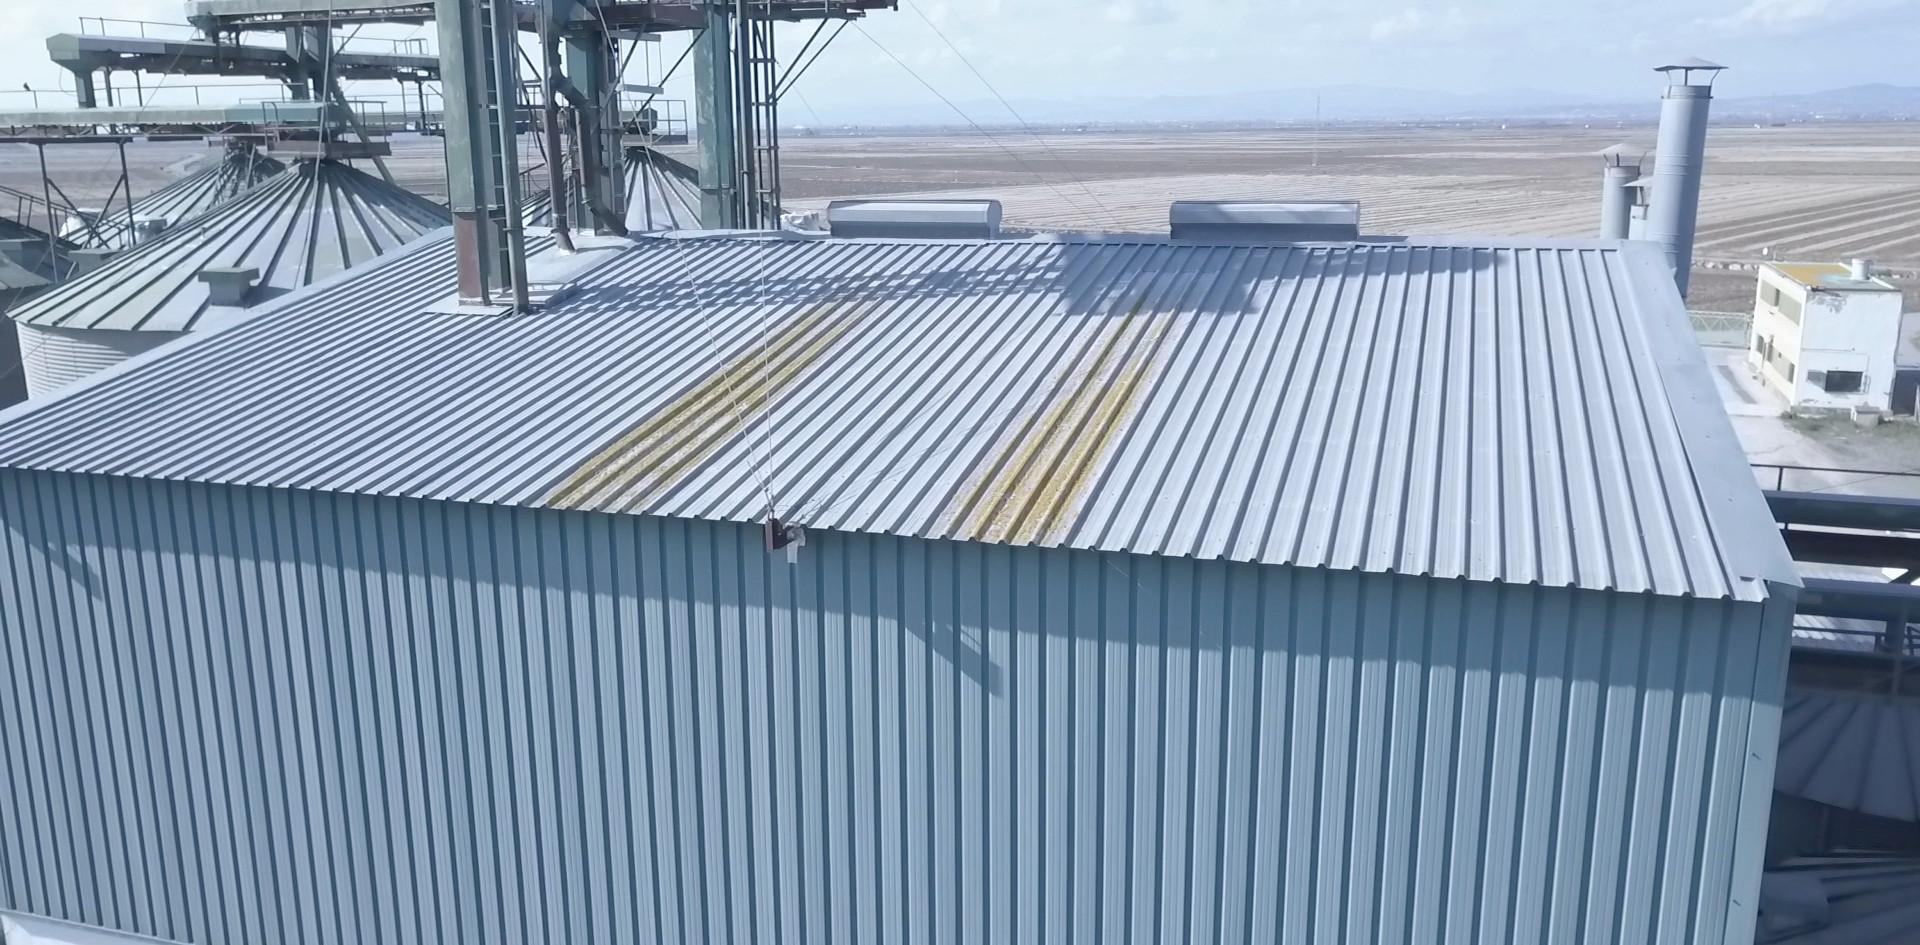 Inspección estructura metalica